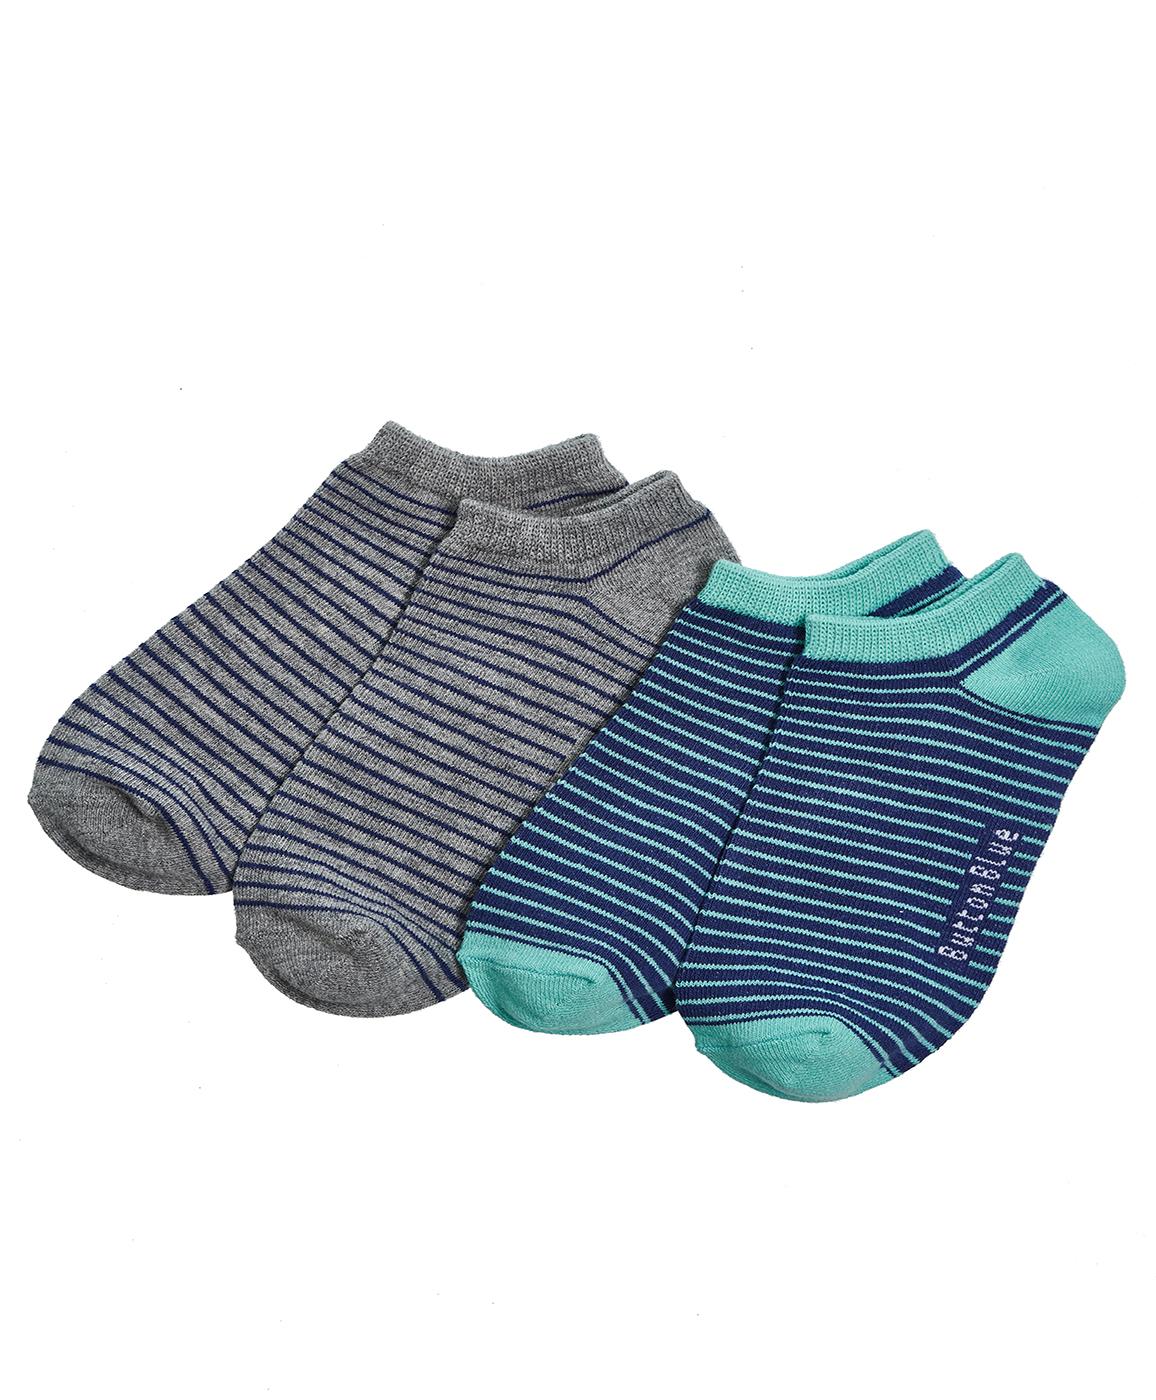 Купить 118BBBU85023305, Носки (комплект из 2 пар) Button Blue, серый, 14-16, Мужской, ВЕСНА/ЛЕТО 2018 (shop: GulliverMarket Gulliver Market)